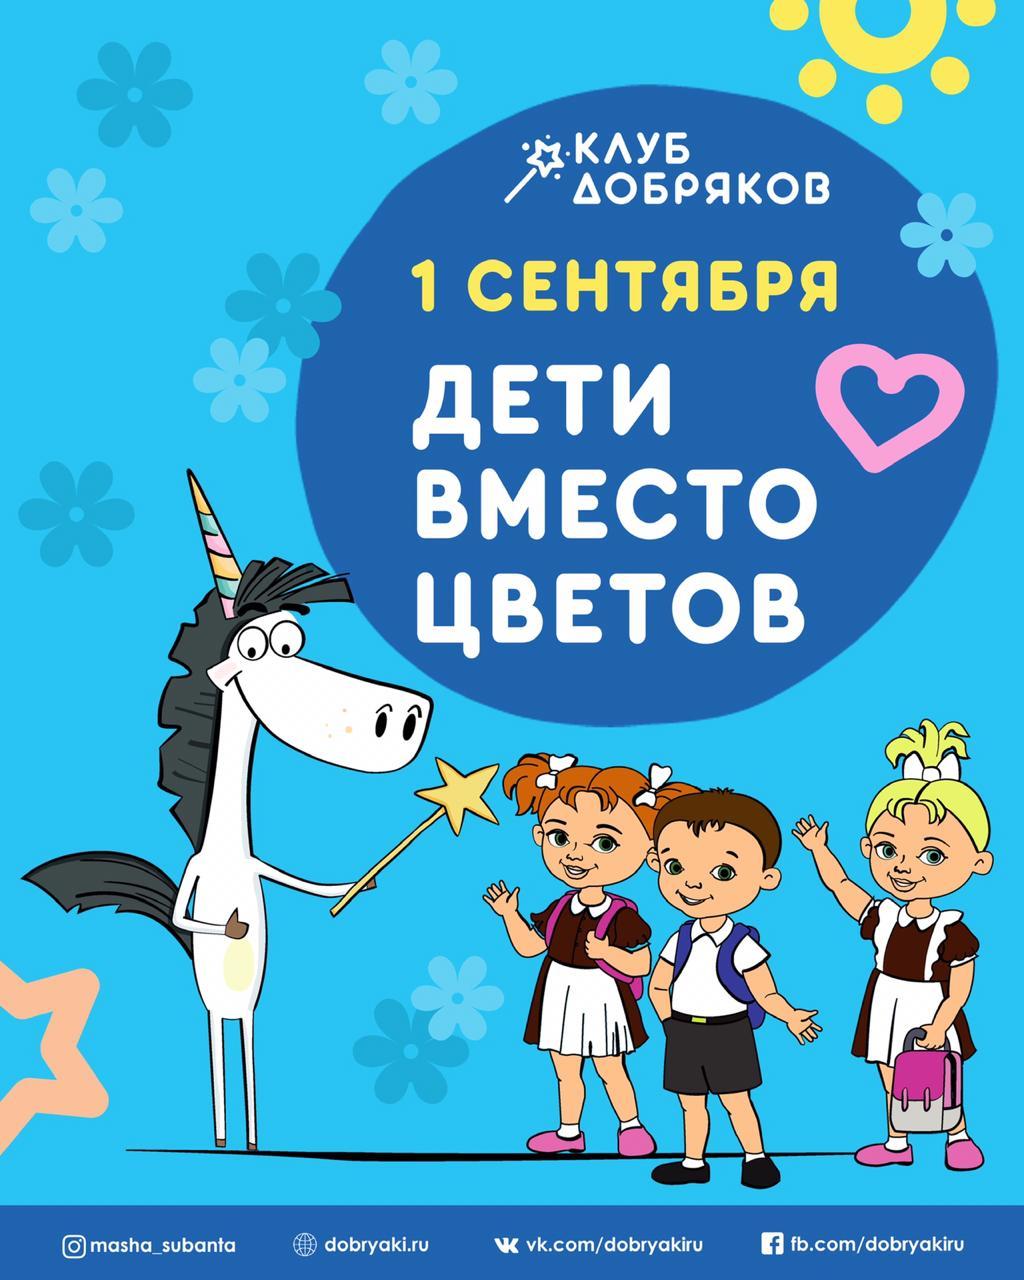 """Клуб добряков присоединится к акции """"Дети вместо цветов"""""""